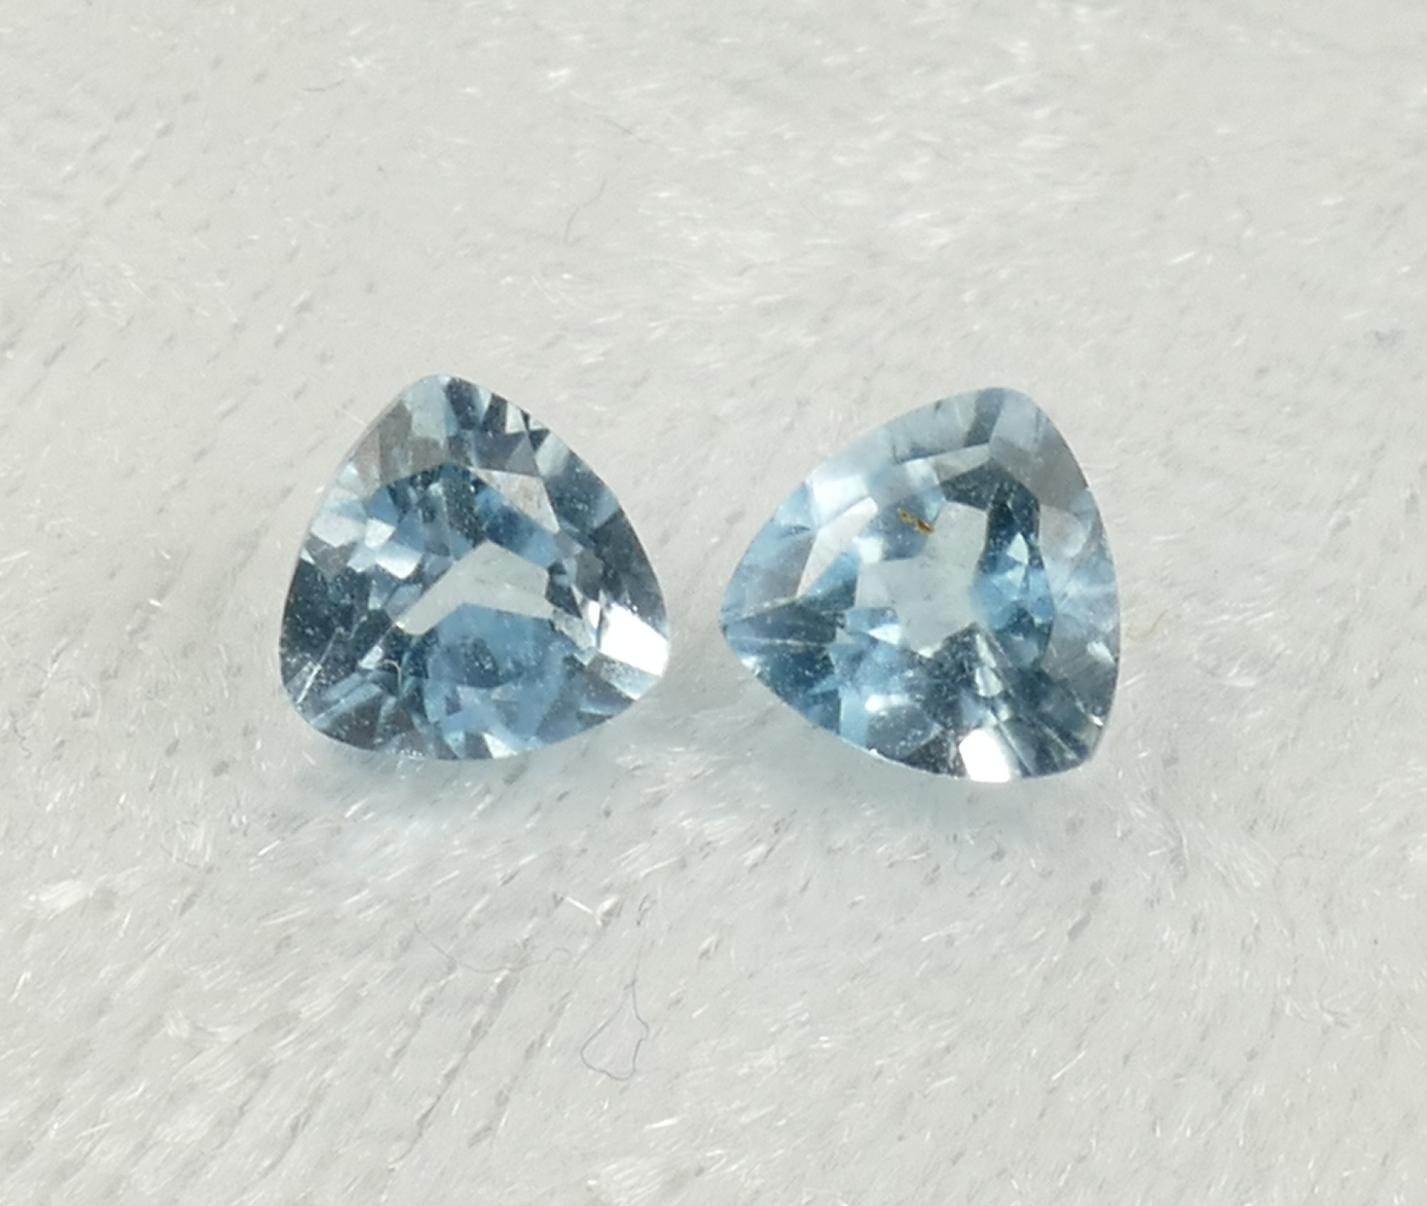 5.1mm 2 Topazes bleu entièrement naturel en triangle VS-VVS 1.31ct Brésil (#PB838) paire Trillion